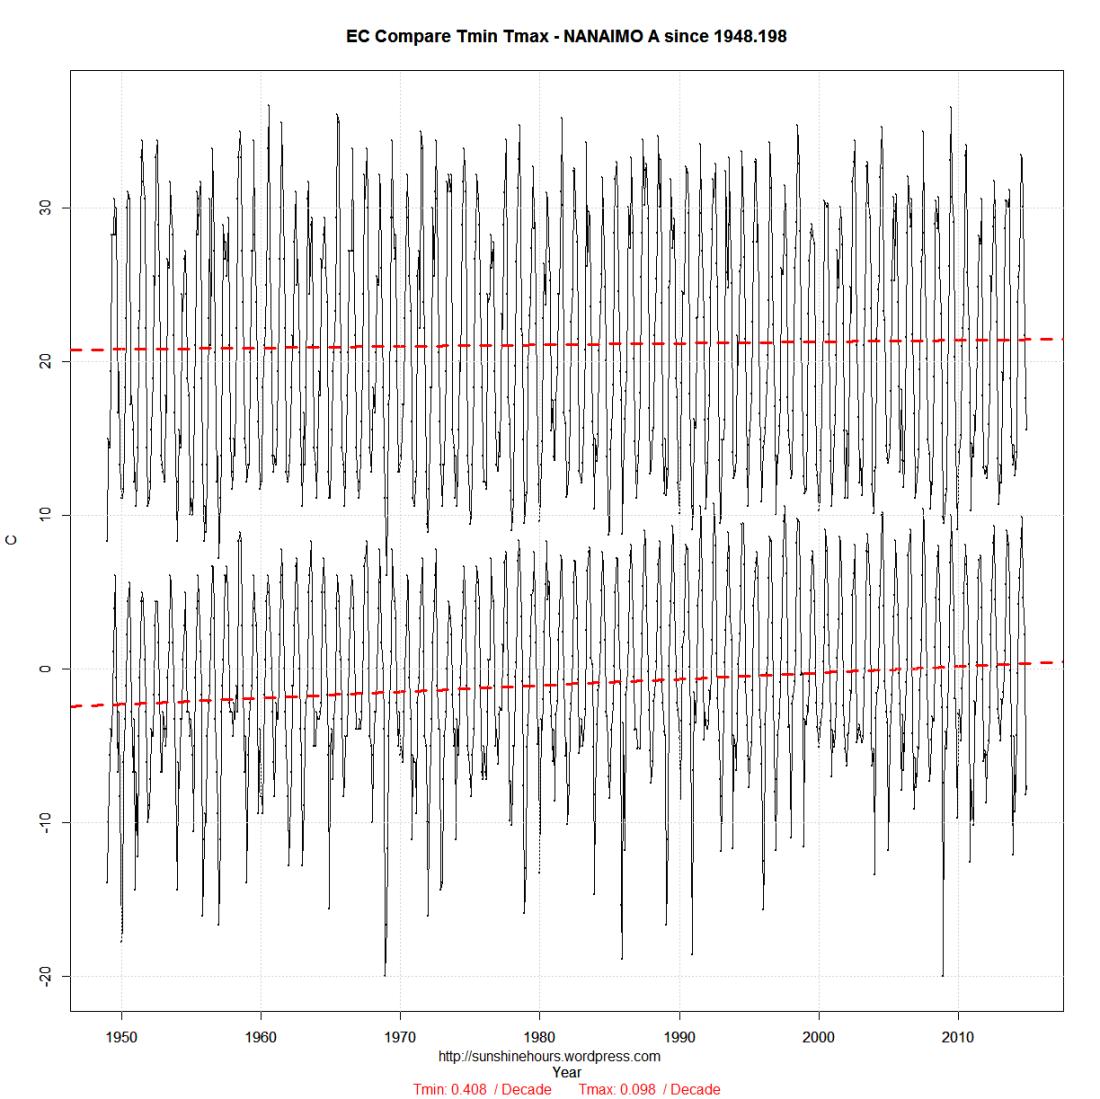 EC Compare_min_max-NANAIMO A-1948.198